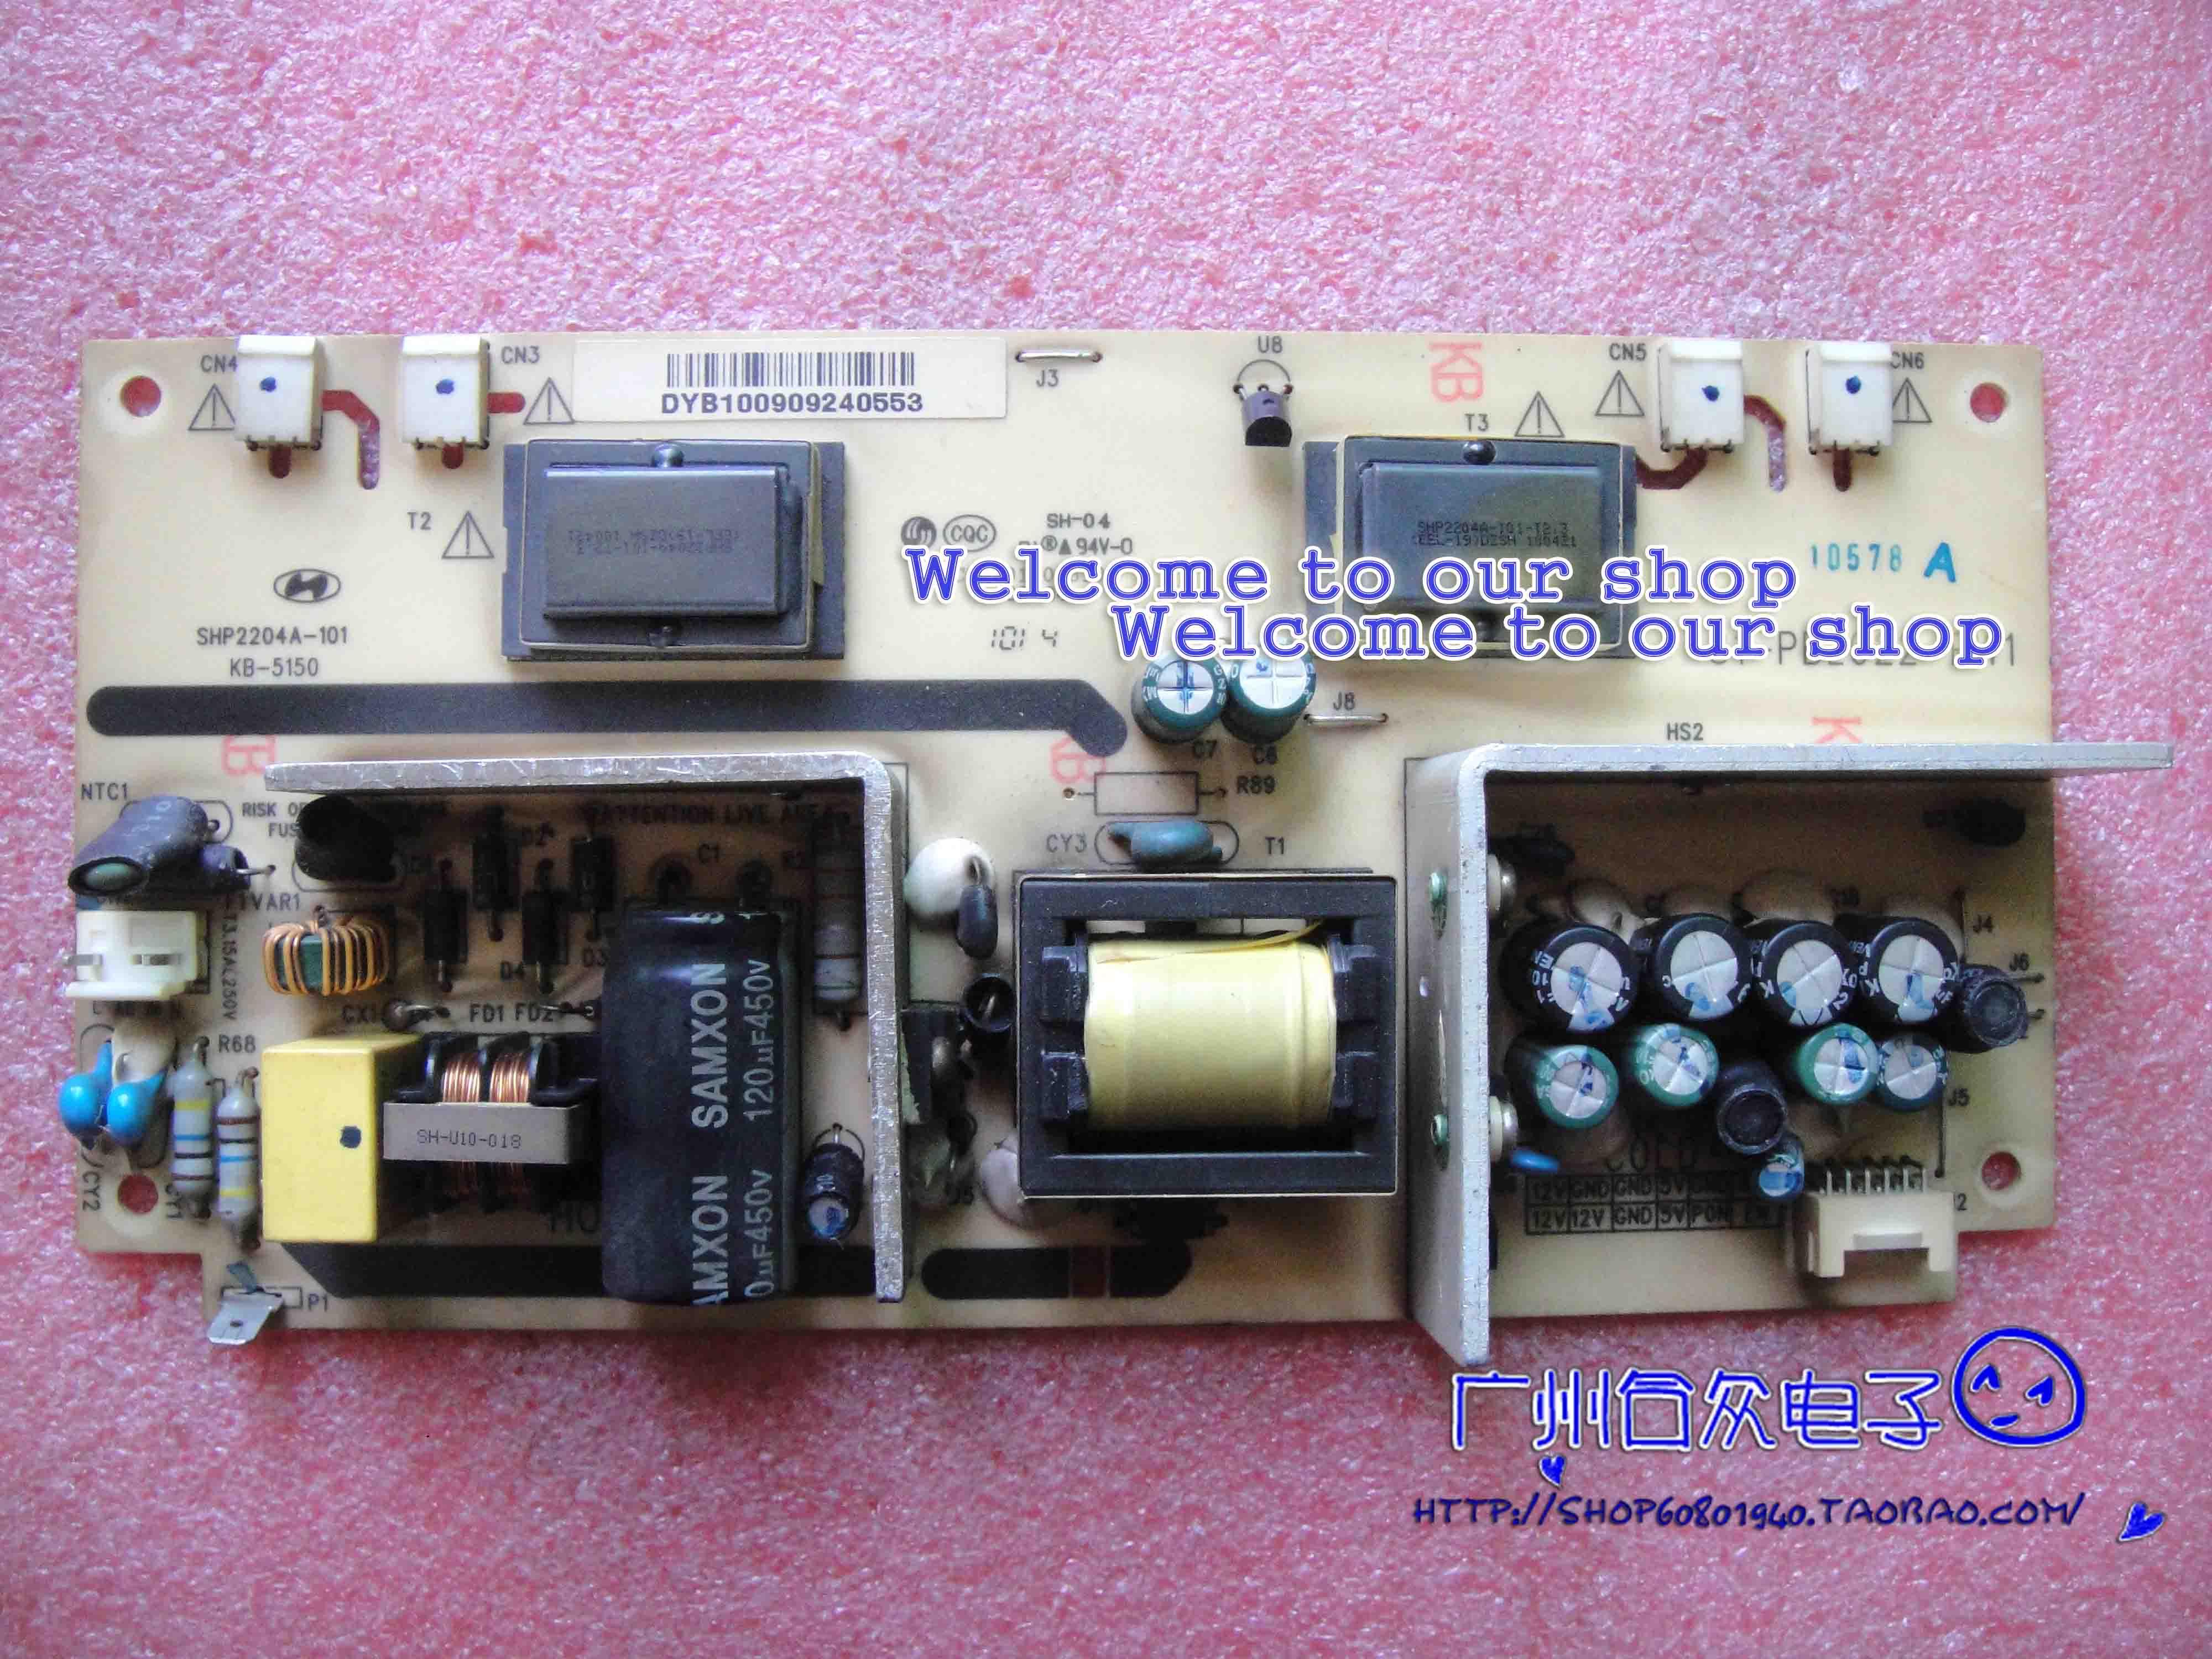 乐华 LCD22R09电源板 81-PBL022-PW1 SHP2204A-101 测试好发货 哦